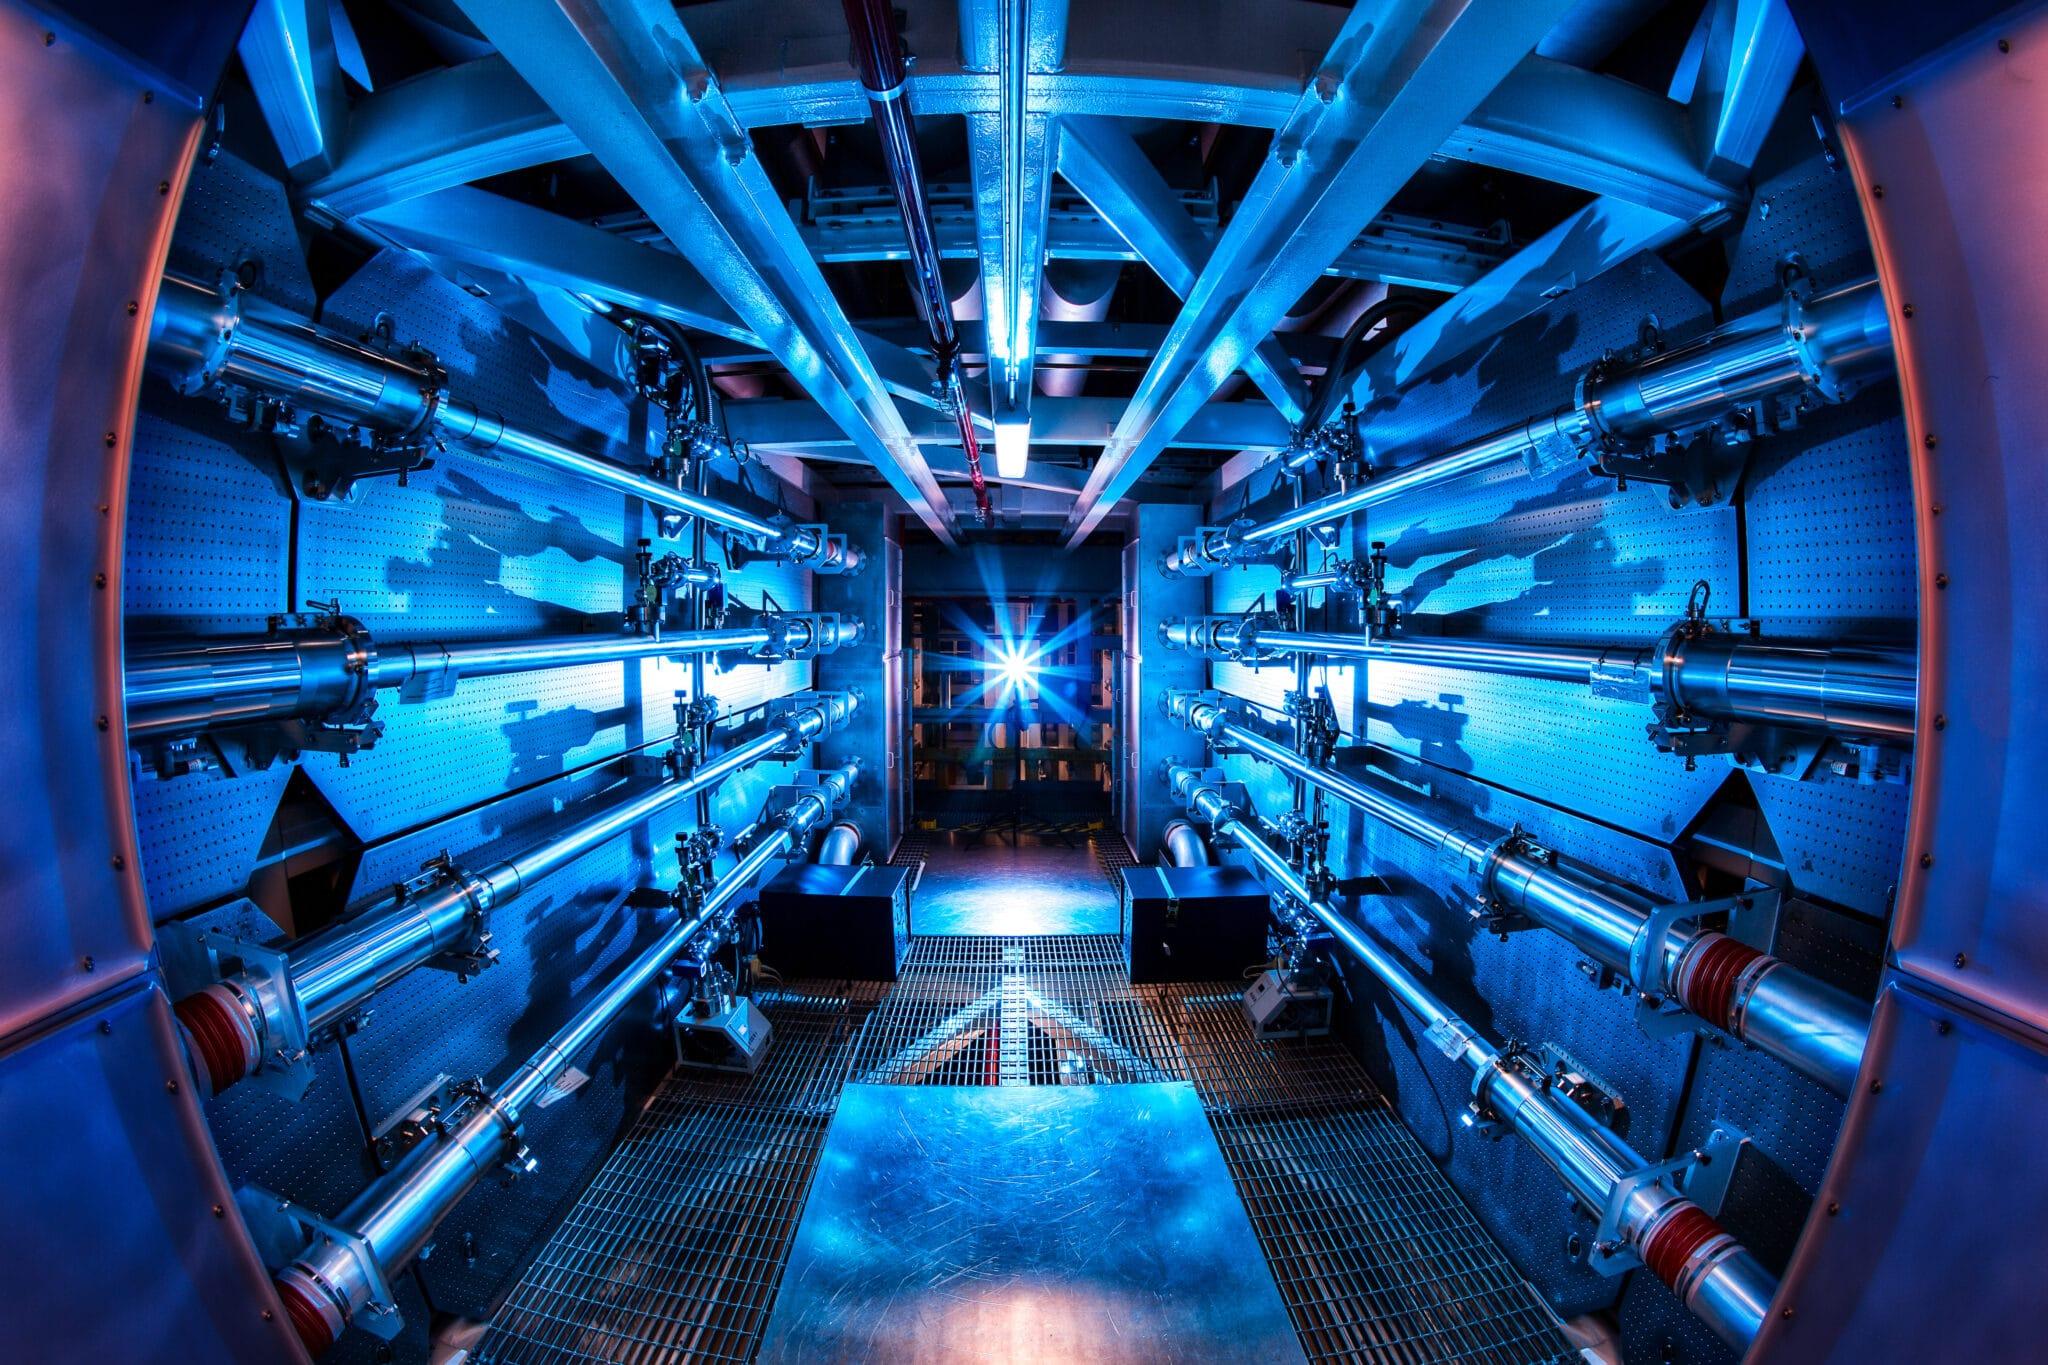 Fusione, confinamento inerziale, Lawrence Livermore National Laboratory, National Ignition Facility, record, megajoule, laser, pellet, deuterio, trizio, implosione, breakeven, reattore, ignizione, autosostentamento, gas serra, Close-up Engineering.